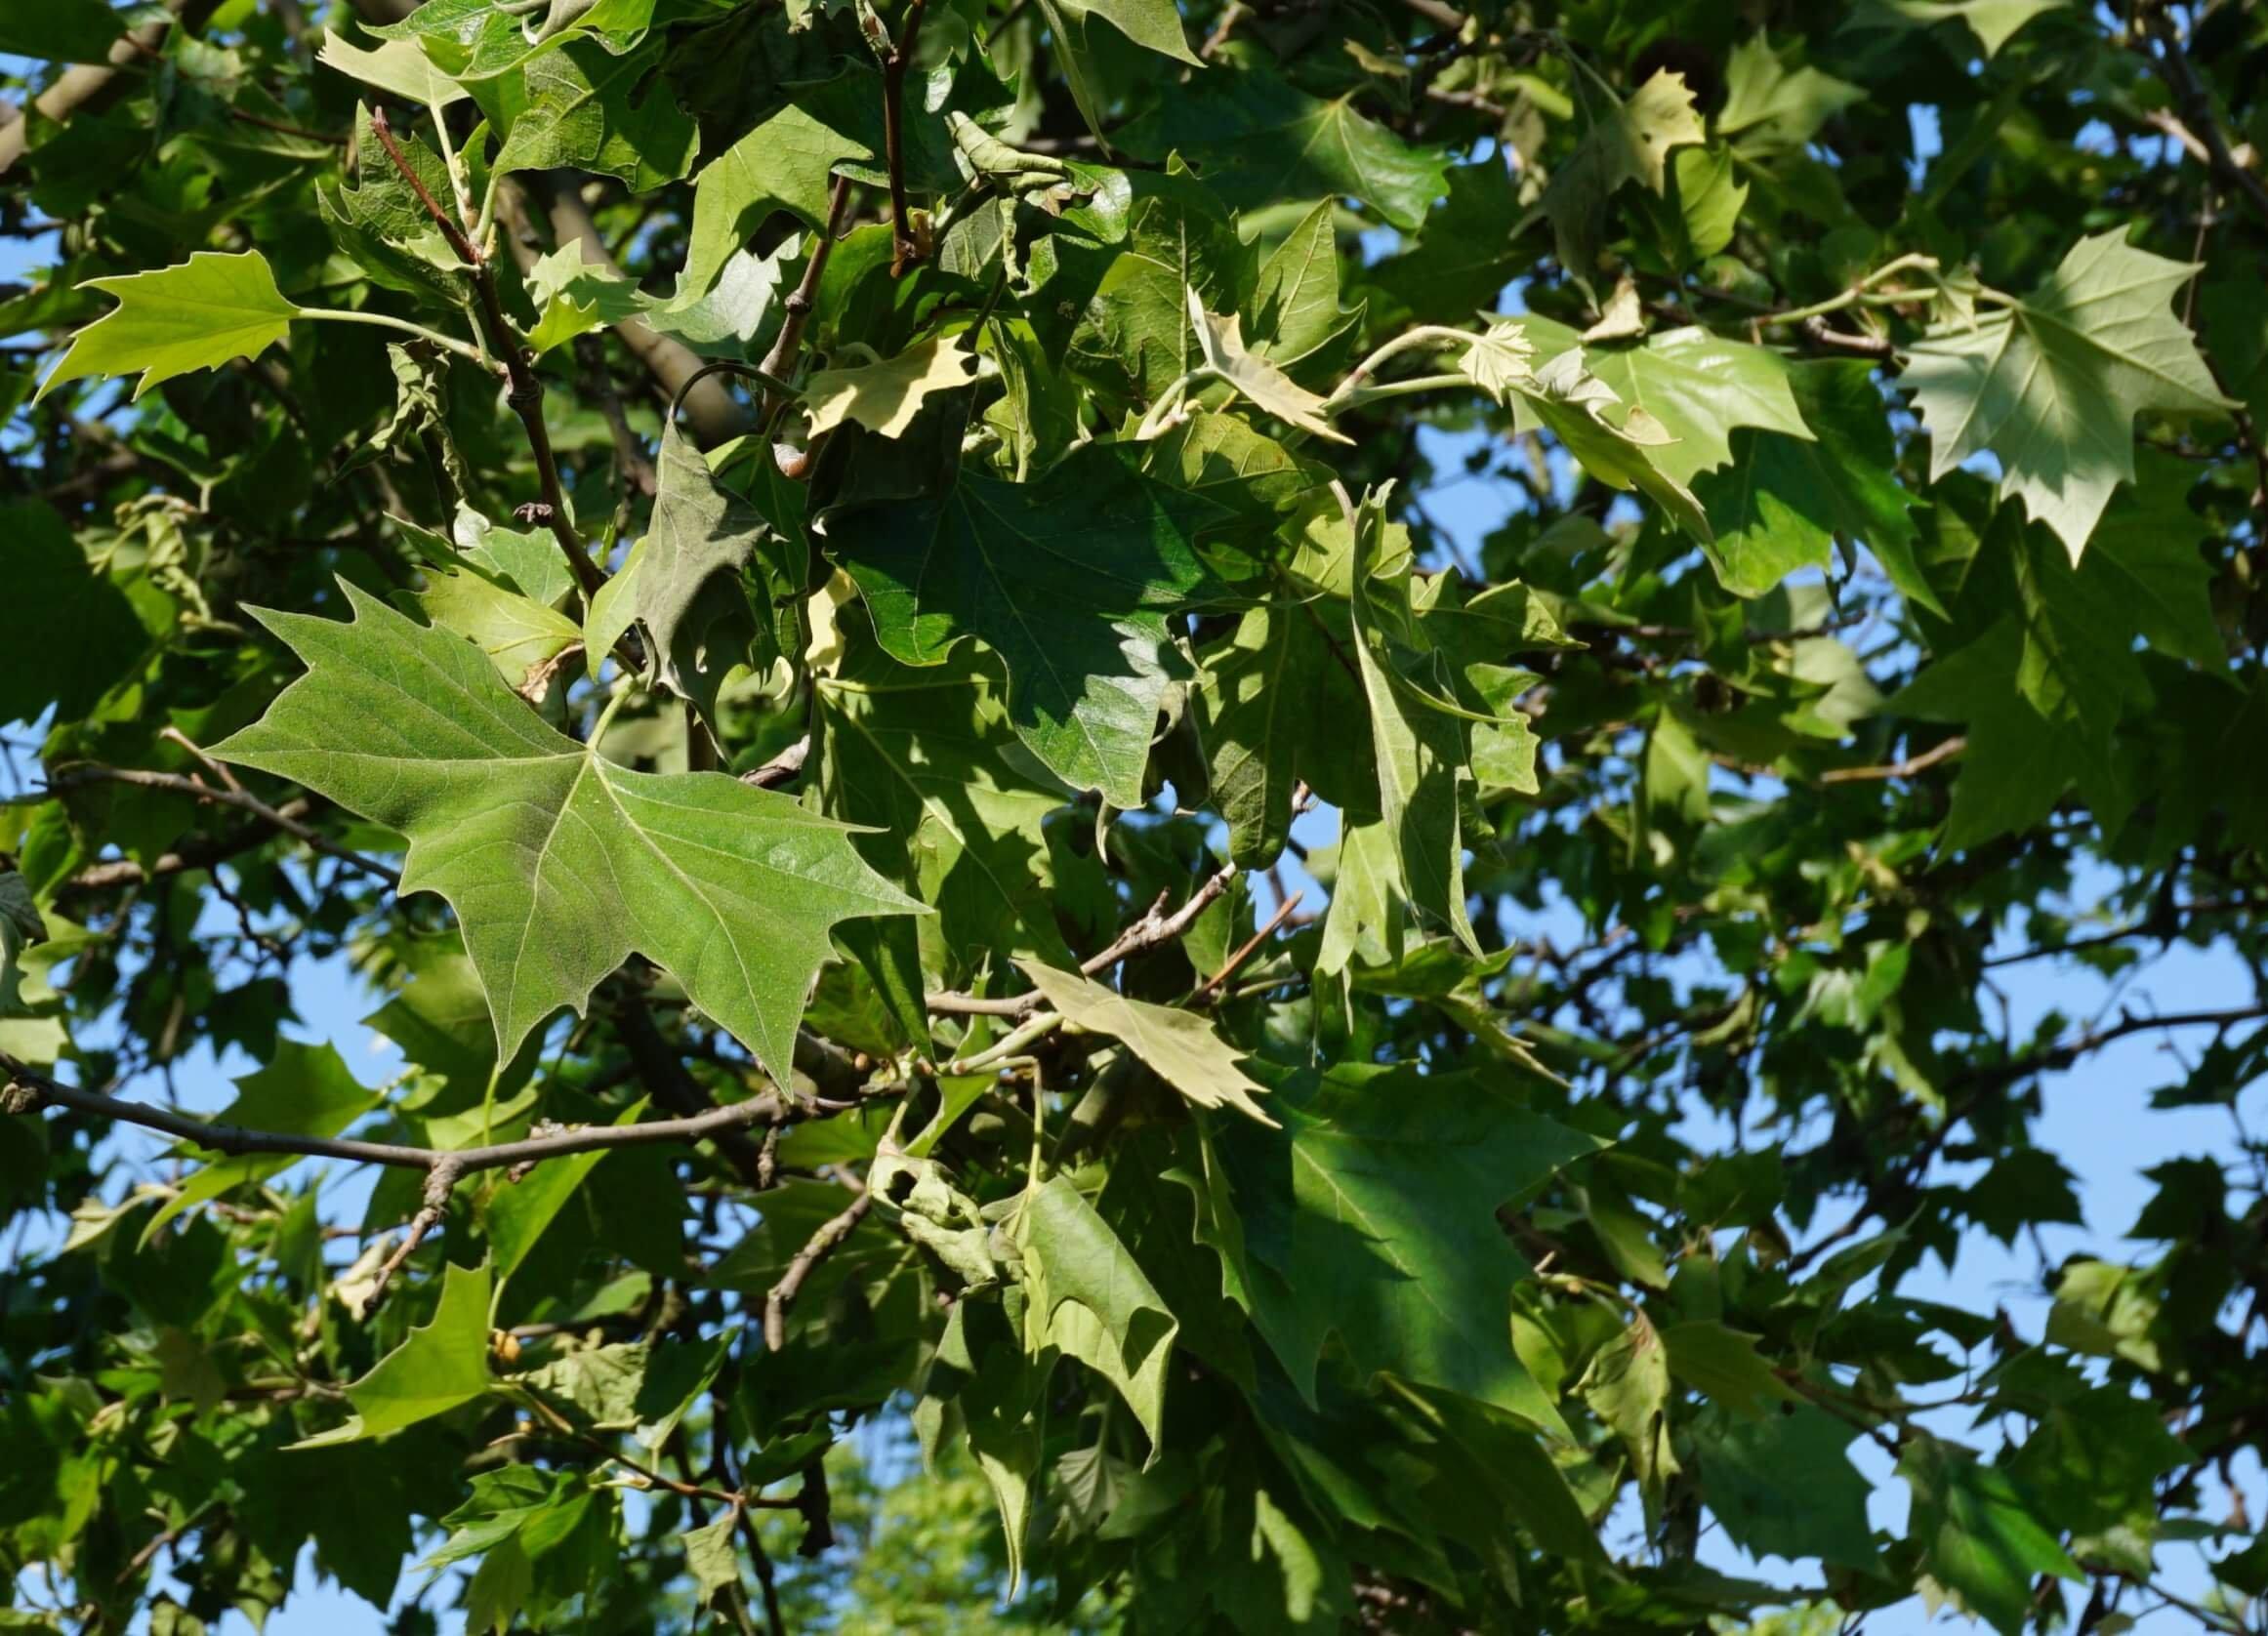 Das Bild zeigt die Laubblätter der bei uns am häufigsten zu sehenden Platane. Sie zeigen in ihrer Form große Ähnlichkeiten zu den Blättern des Spitz-Ahorns. Die Blätter der Platane sind jedoch im Schnitt größer und derber. Hier an einem Baum am Schloßplatz Köpenick.